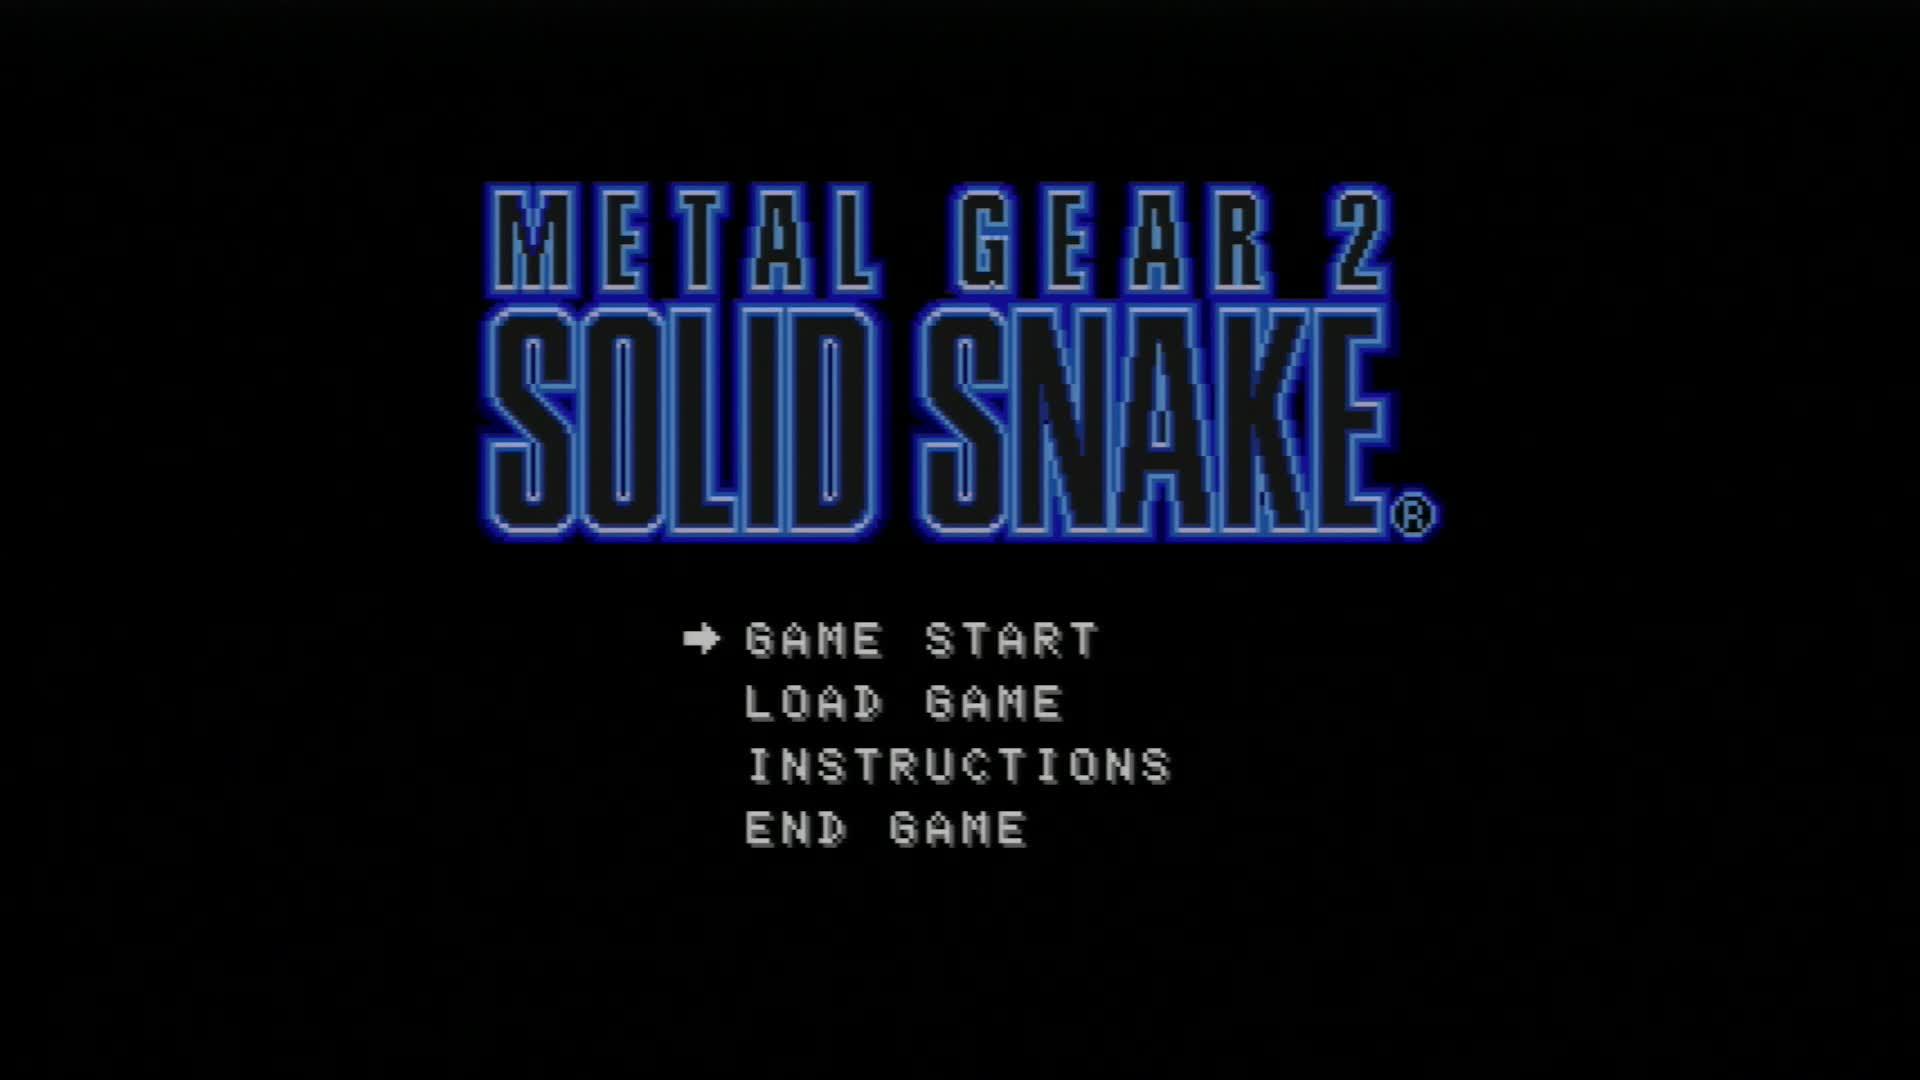 Metal Gear2 Solid Snake